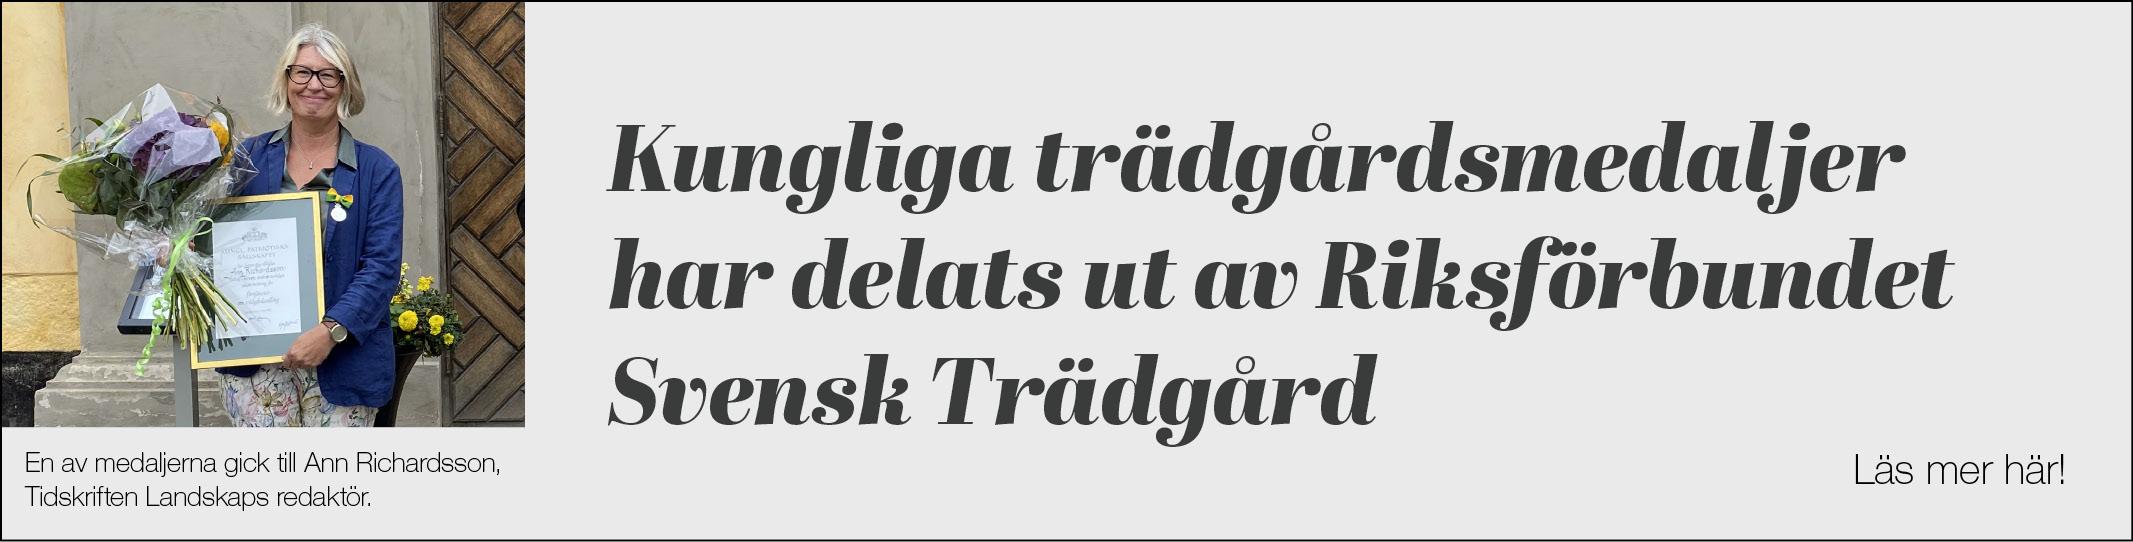 Kungliga trädgårdsmedaljer har delats ut av Riksförbundet Svensk Trädgård